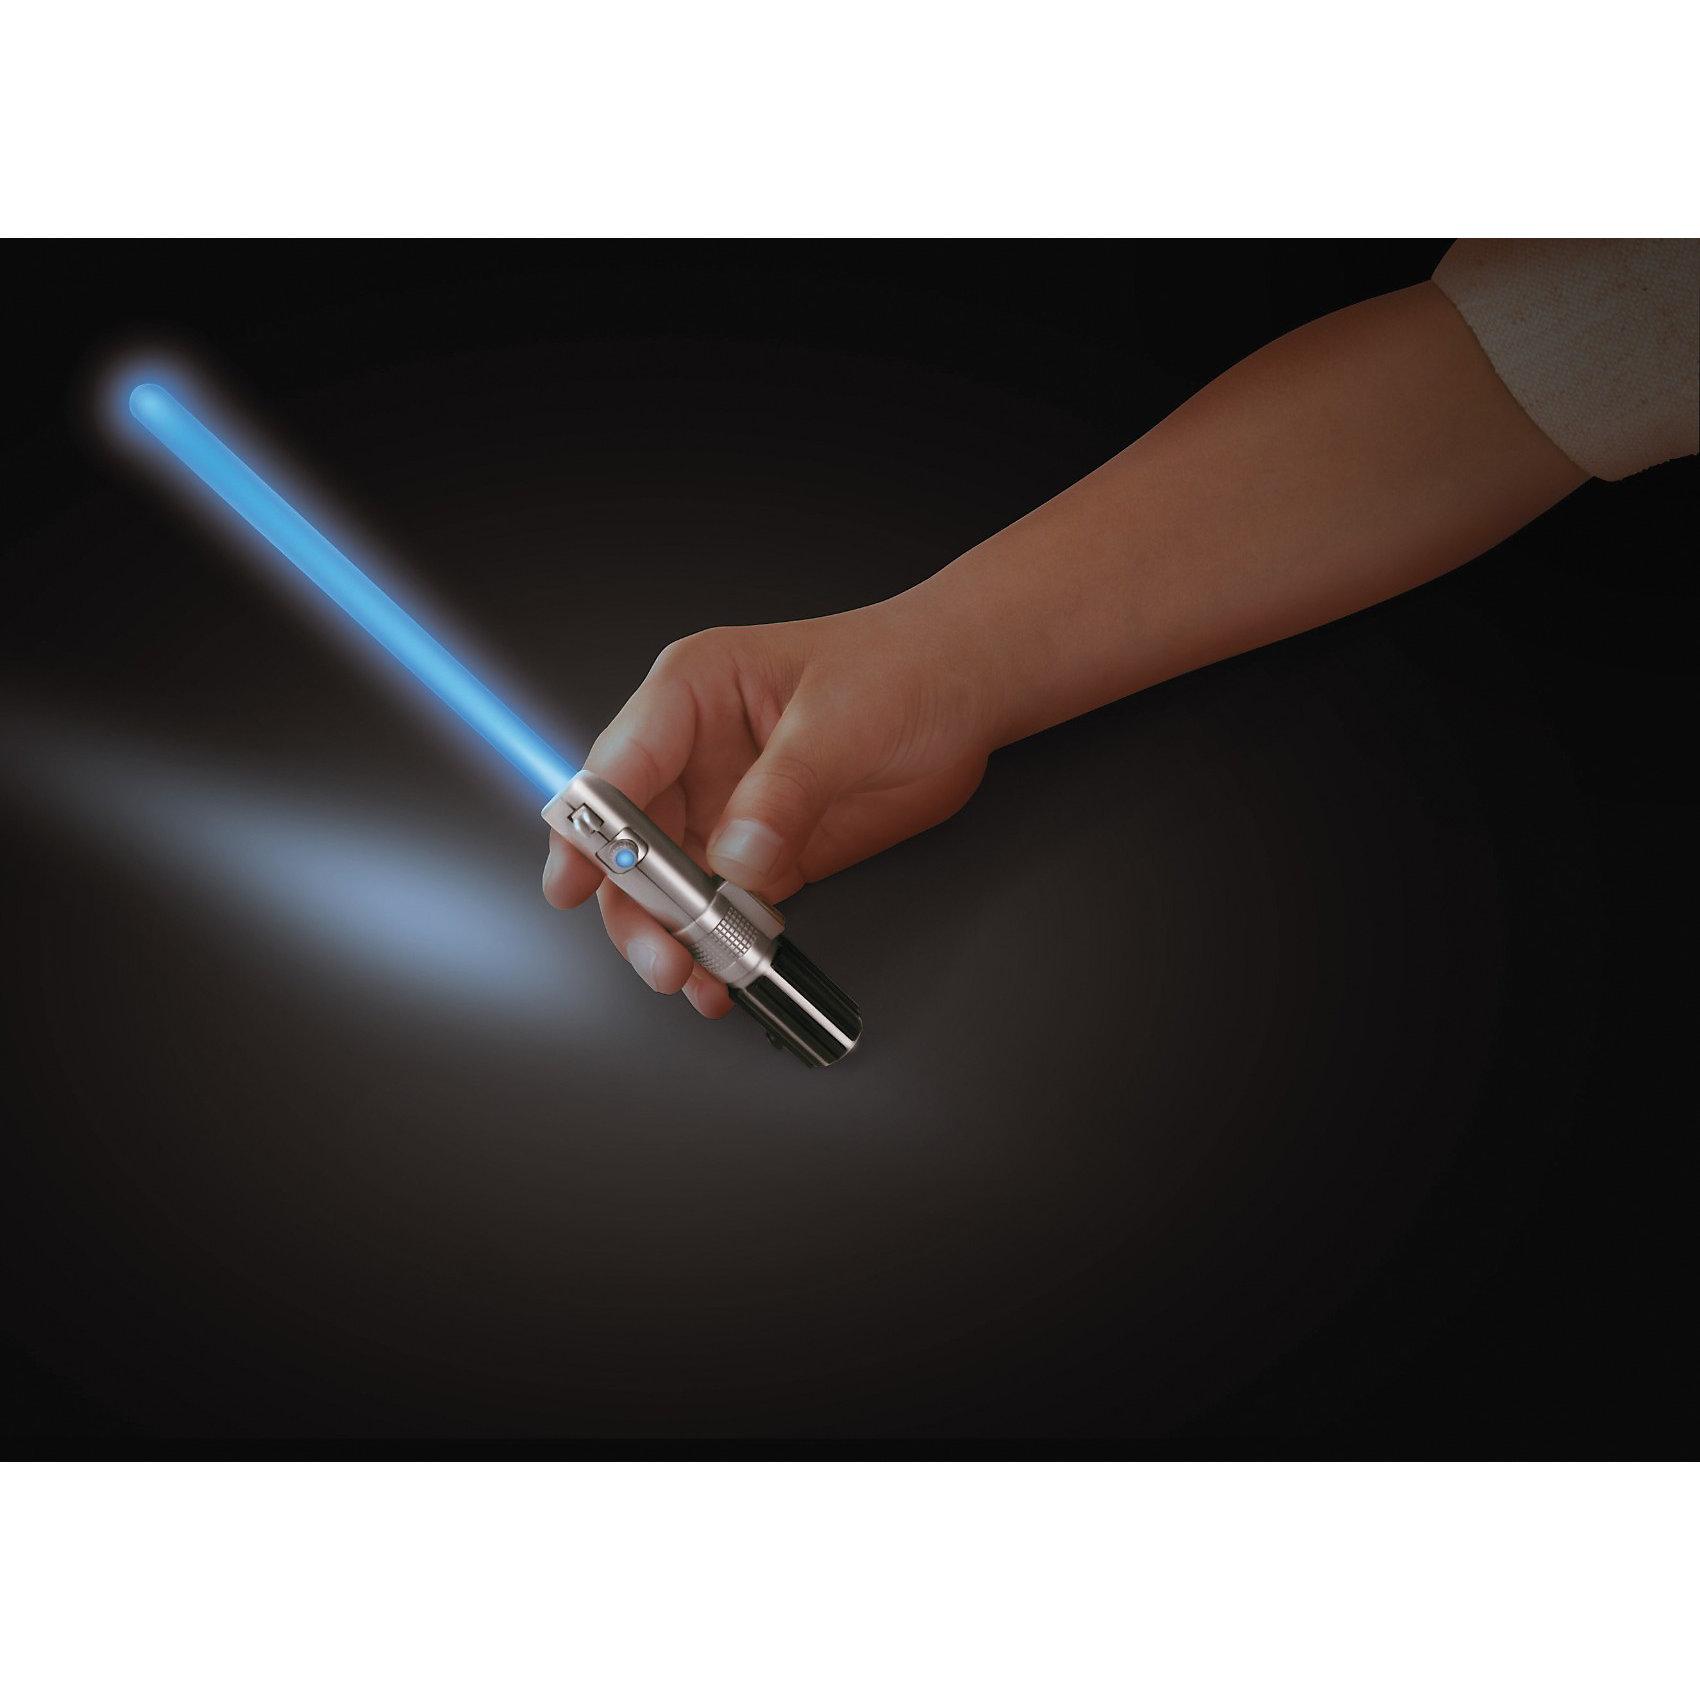 Мини-световой меч (2 сменные линзы, 4 кристалла), Звёздные войныИгрушечное оружие<br>Мини-световой меч (2 сменные линзы, 4 кристалла), Звёздные войны – этот мини-меч будет с восторгом встречен ценителем знаменитой саги.<br>Игрушка Star Wars Мини-световой меч непременно понравится любому поклоннику Звездных войн. Меч, выполненный из пластика, собирается из нескольких элементов. В комплекте Вы найдёте фокусировочную и широкоугольную оптические линзы, позволяющие менять направленность лучей, а также 4 сменных цветных кристалла позволяющих выбрать, на чьей стороне ребенок будет сражаться в этот раз - Джедаев или Ситхов. Дизайн рукоятки копирует световой меч Энакина Скайуокера.<br><br>Дополнительная информация:<br><br>- В наборе: детали меча, 2 вида сменных линз, 4 кристалла<br>- Цвета меча: красный, фиолетовый, синий, зеленый.<br>- Размер меча: 21,6 x 1,7 x 1,7 см..<br>- Материал: пластик<br>- Батарейки: 3 типа AG5 (LR48) (входят в комплект)<br>- Размер упаковки: 25 х 18 х 4 см.<br>- Вес: 150 гр.<br><br>Мини-световой меч (2 сменные линзы, 4 кристалла), Звёздные войны можно купить в нашем интернет-магазине.<br><br>Ширина мм: 257<br>Глубина мм: 180<br>Высота мм: 43<br>Вес г: 112<br>Возраст от месяцев: 36<br>Возраст до месяцев: 96<br>Пол: Мужской<br>Возраст: Детский<br>SKU: 2283435